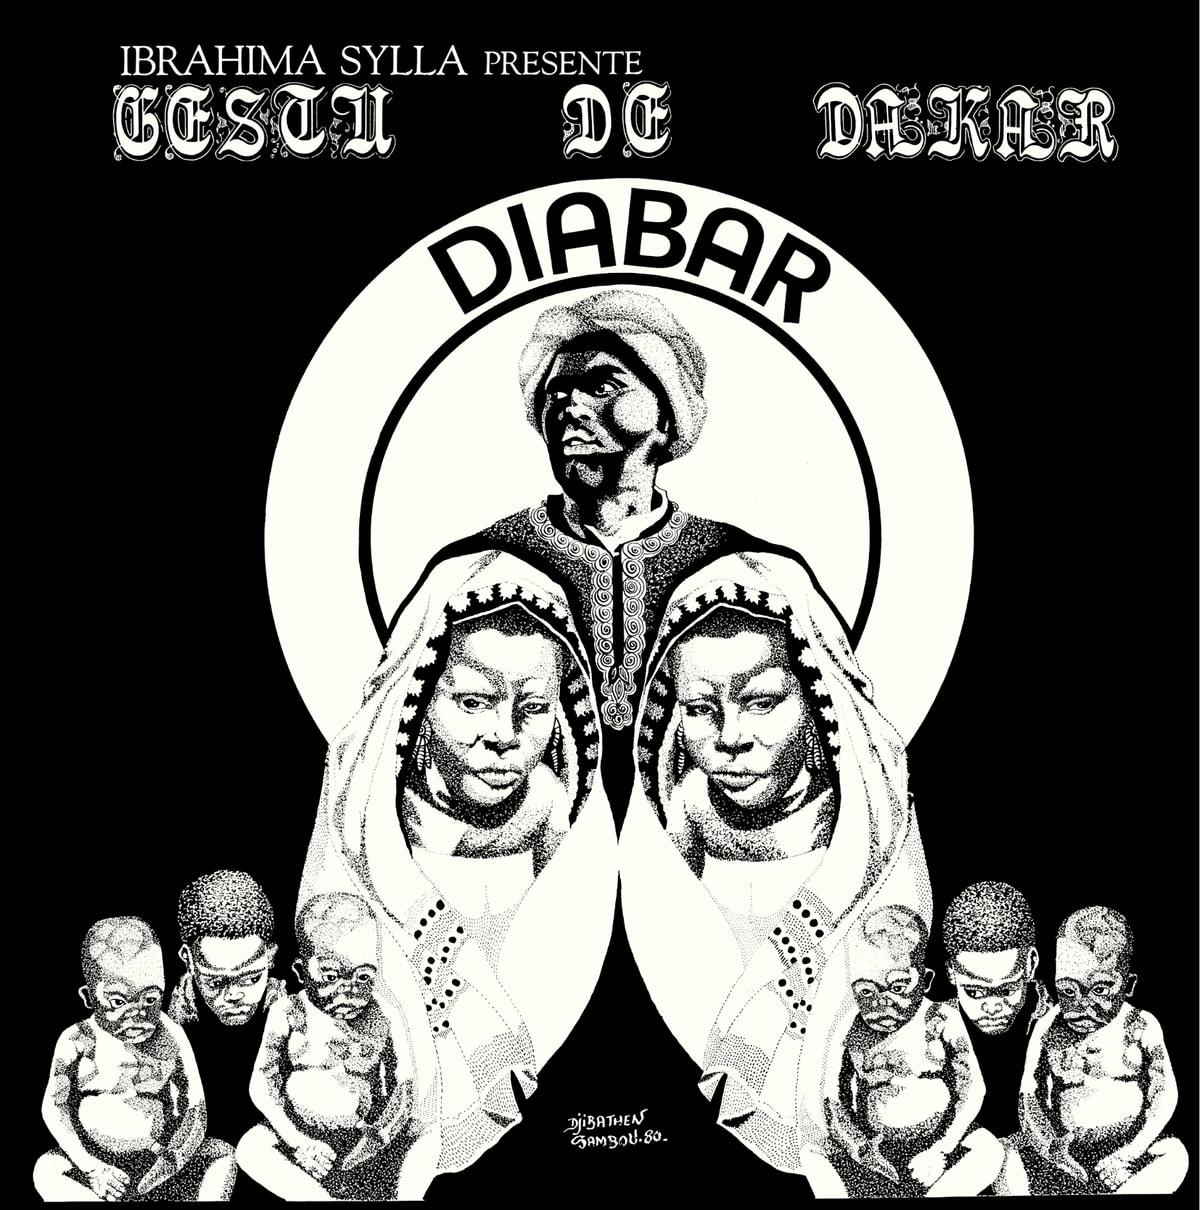 Gëstu de Dakar